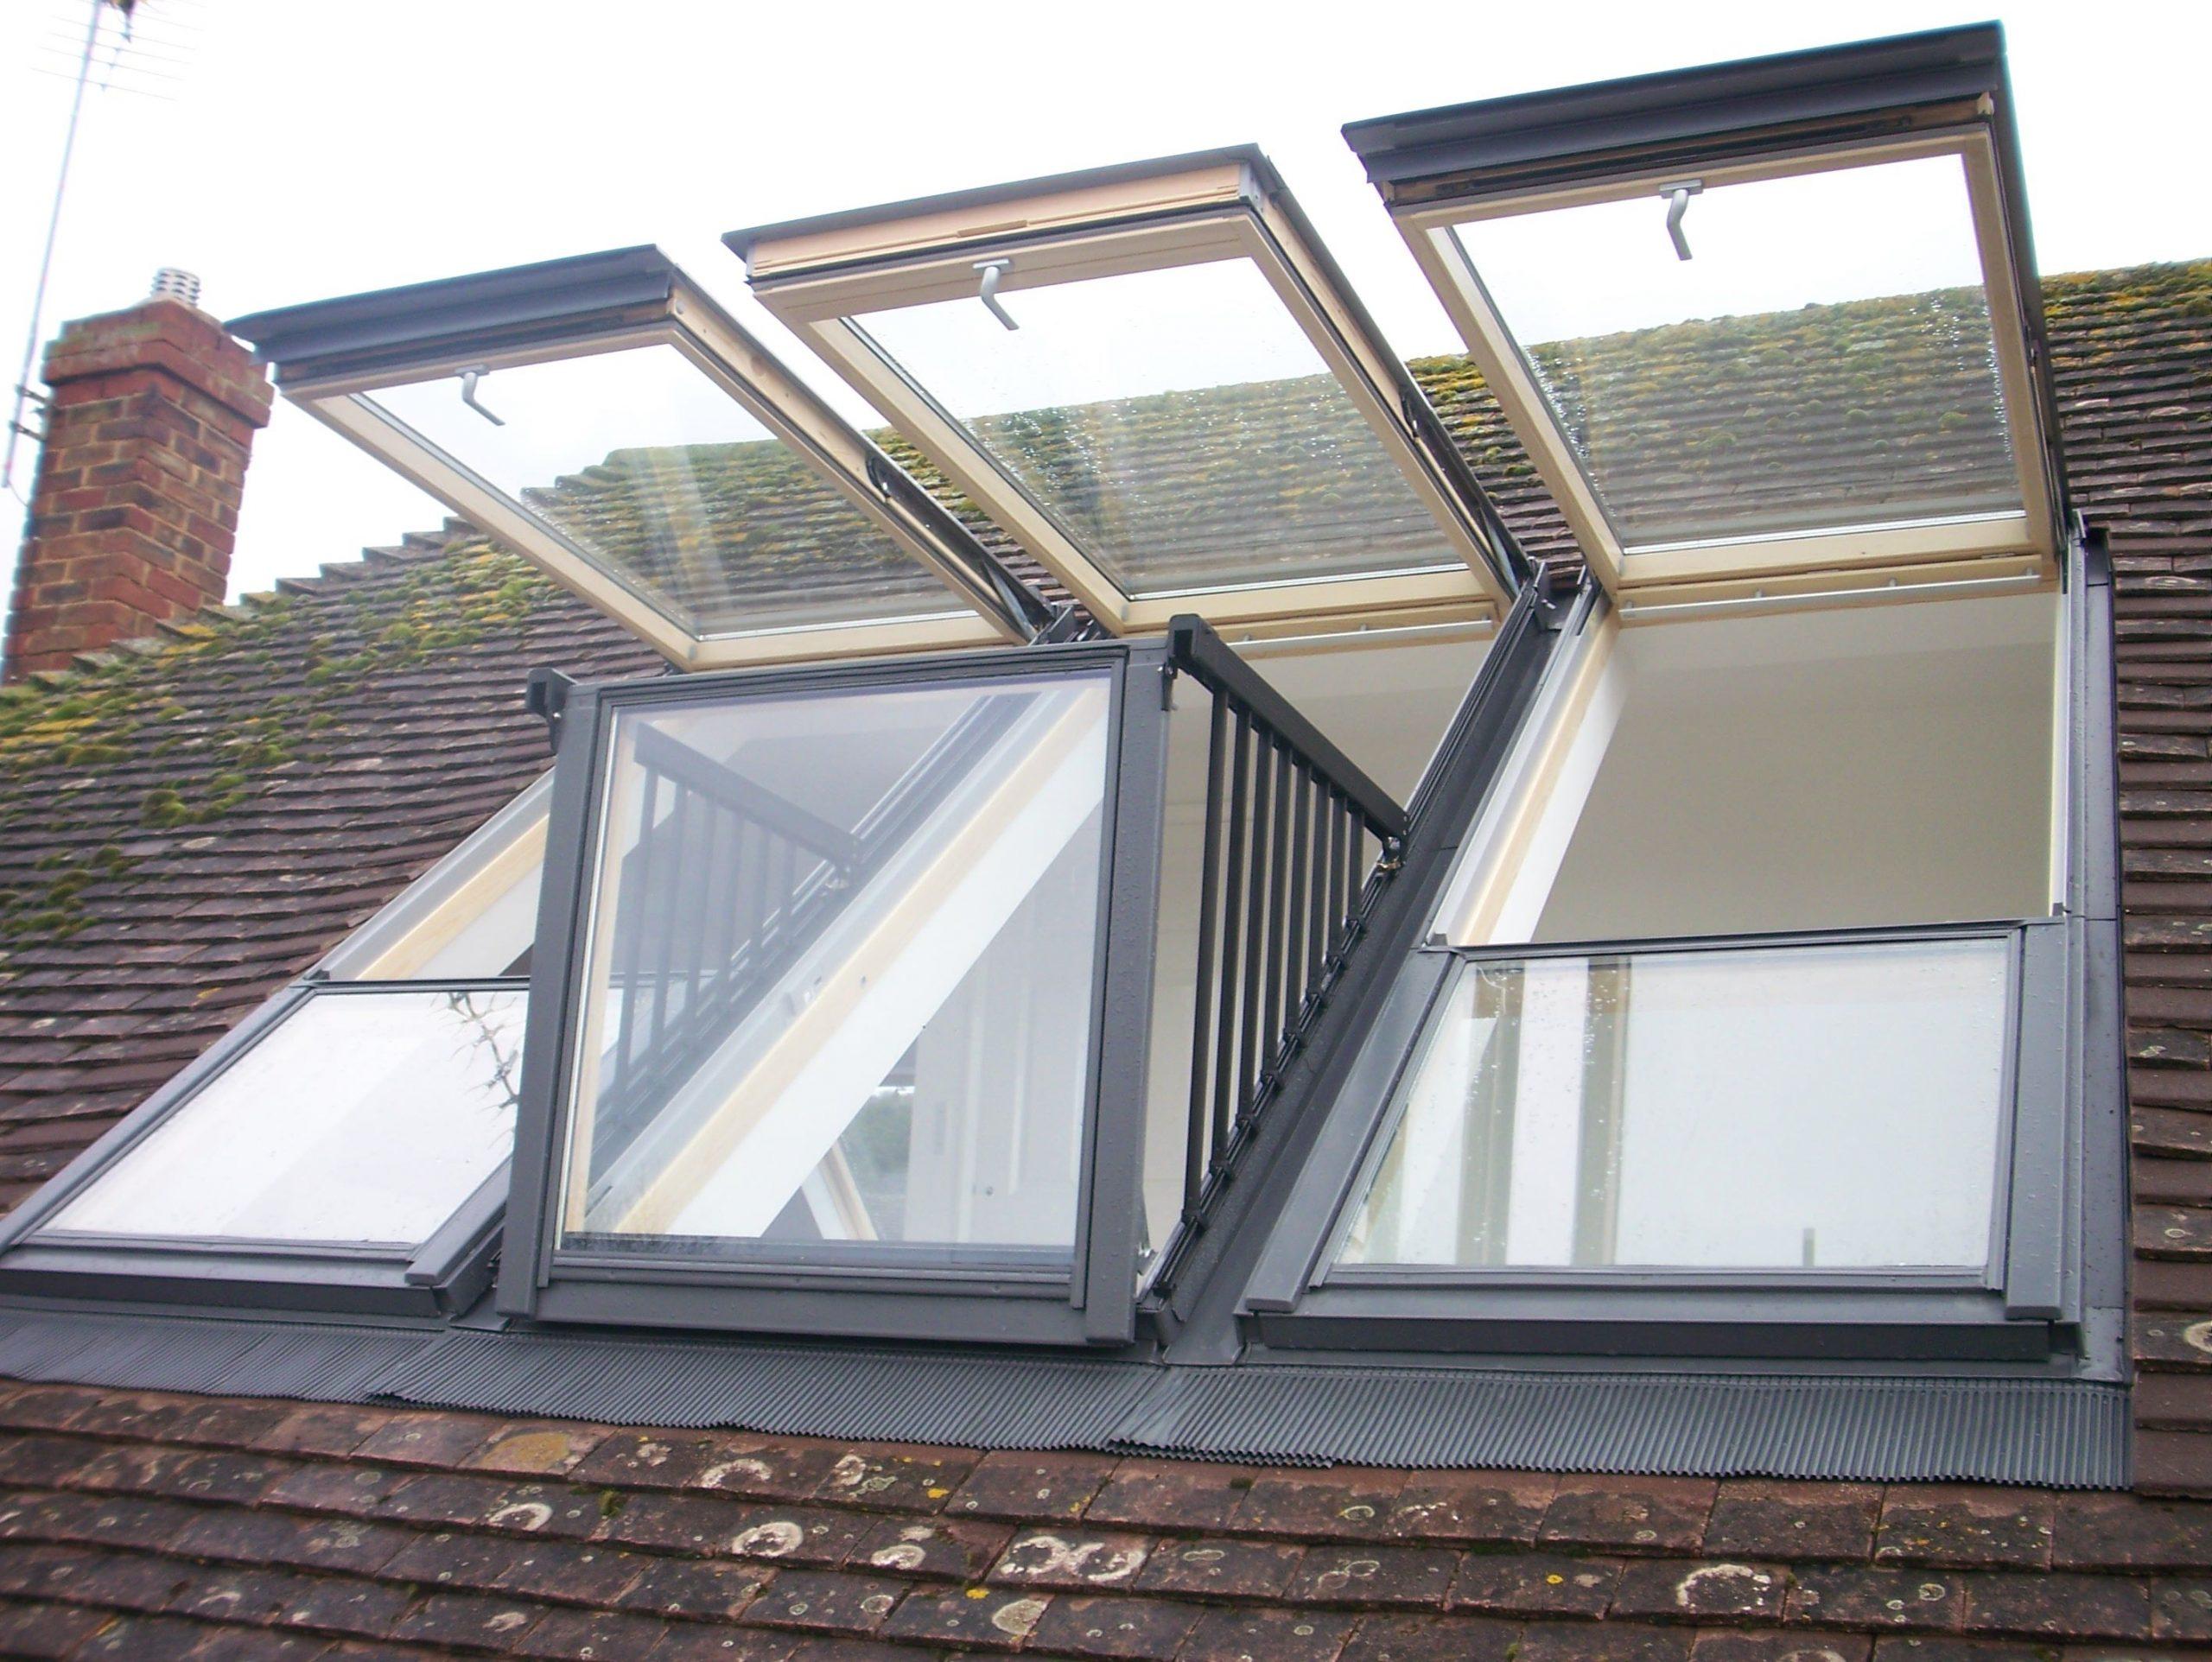 Full Size of Felux Fenster Velucabrio Roof Window Balcony Itll Give Your Room The Wow Anthrazit Dampfreiniger Flachdach Verdunkeln Sicherheitsfolie Teleskopstange Fenster Felux Fenster